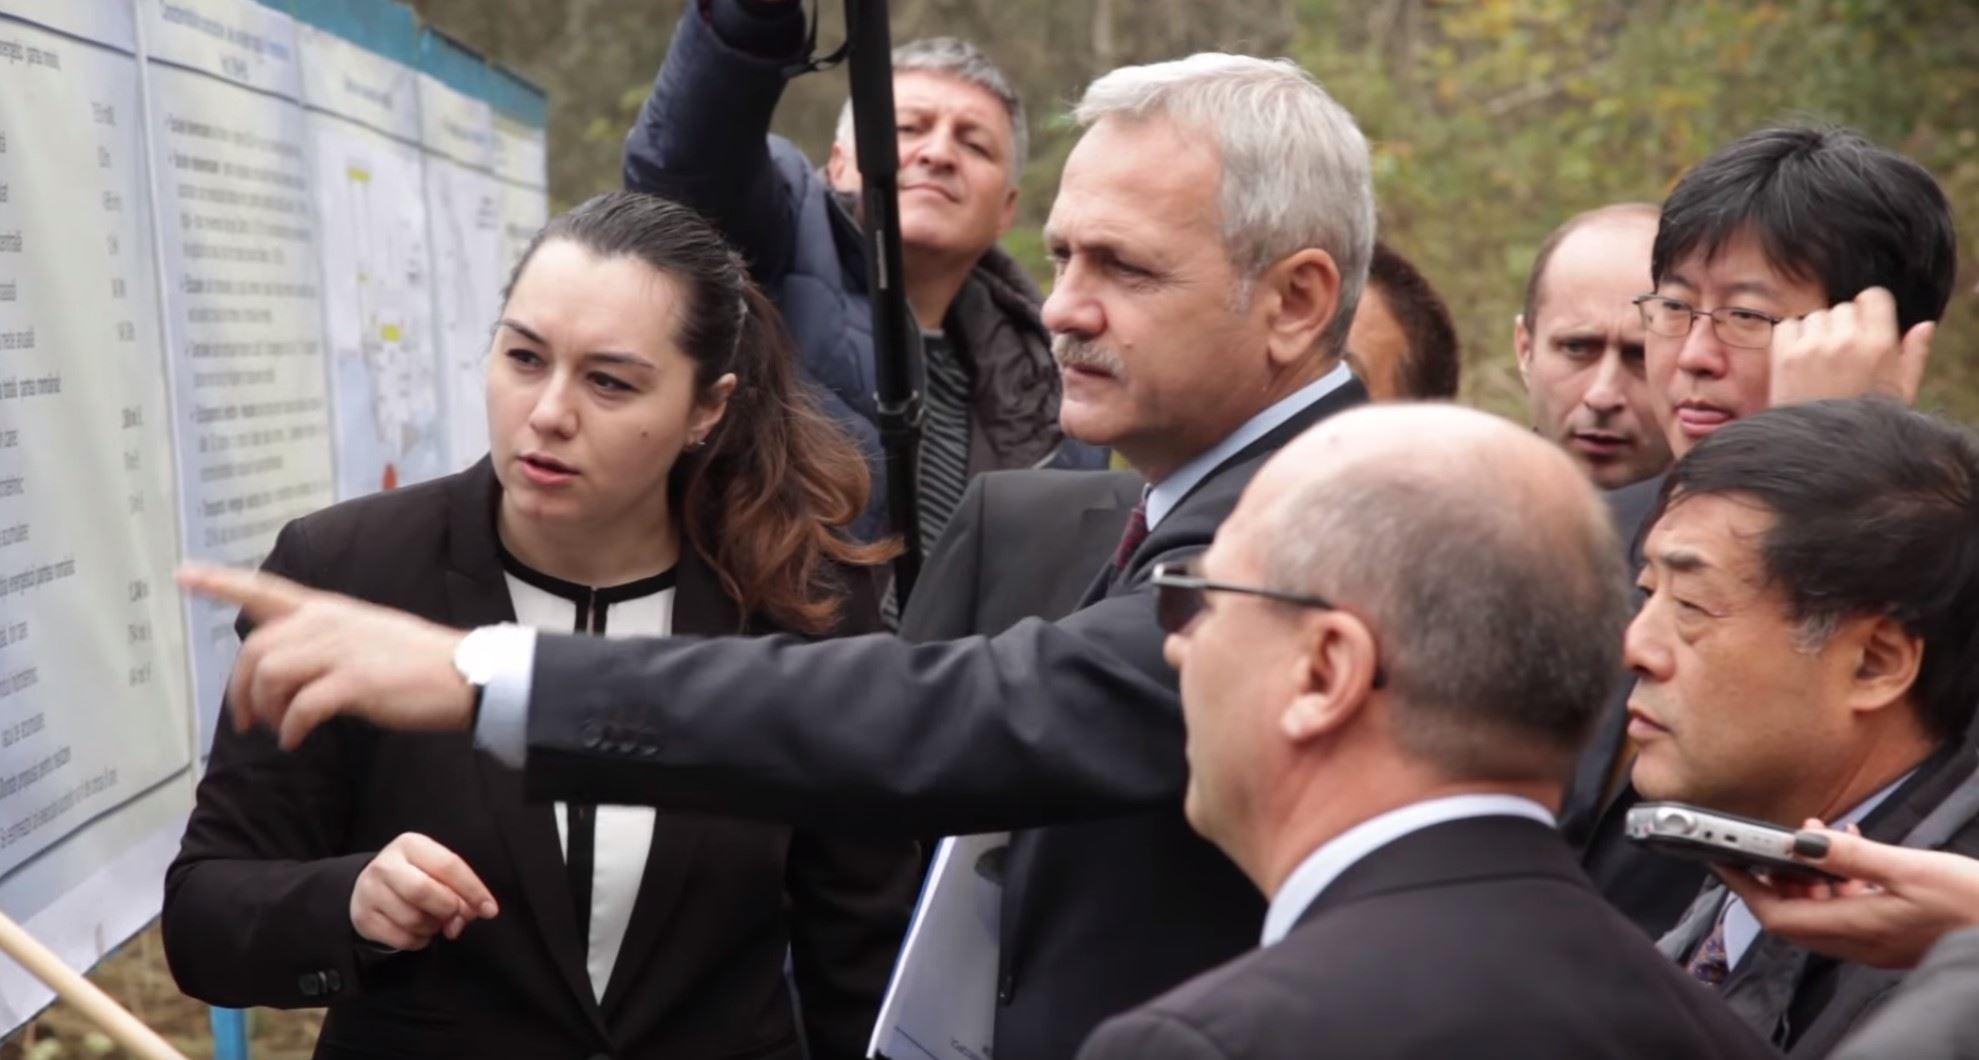 Liviu Dragnea, Adrian Gadea pe drumul lui Ceausescu, langa Insula Belina, 2014